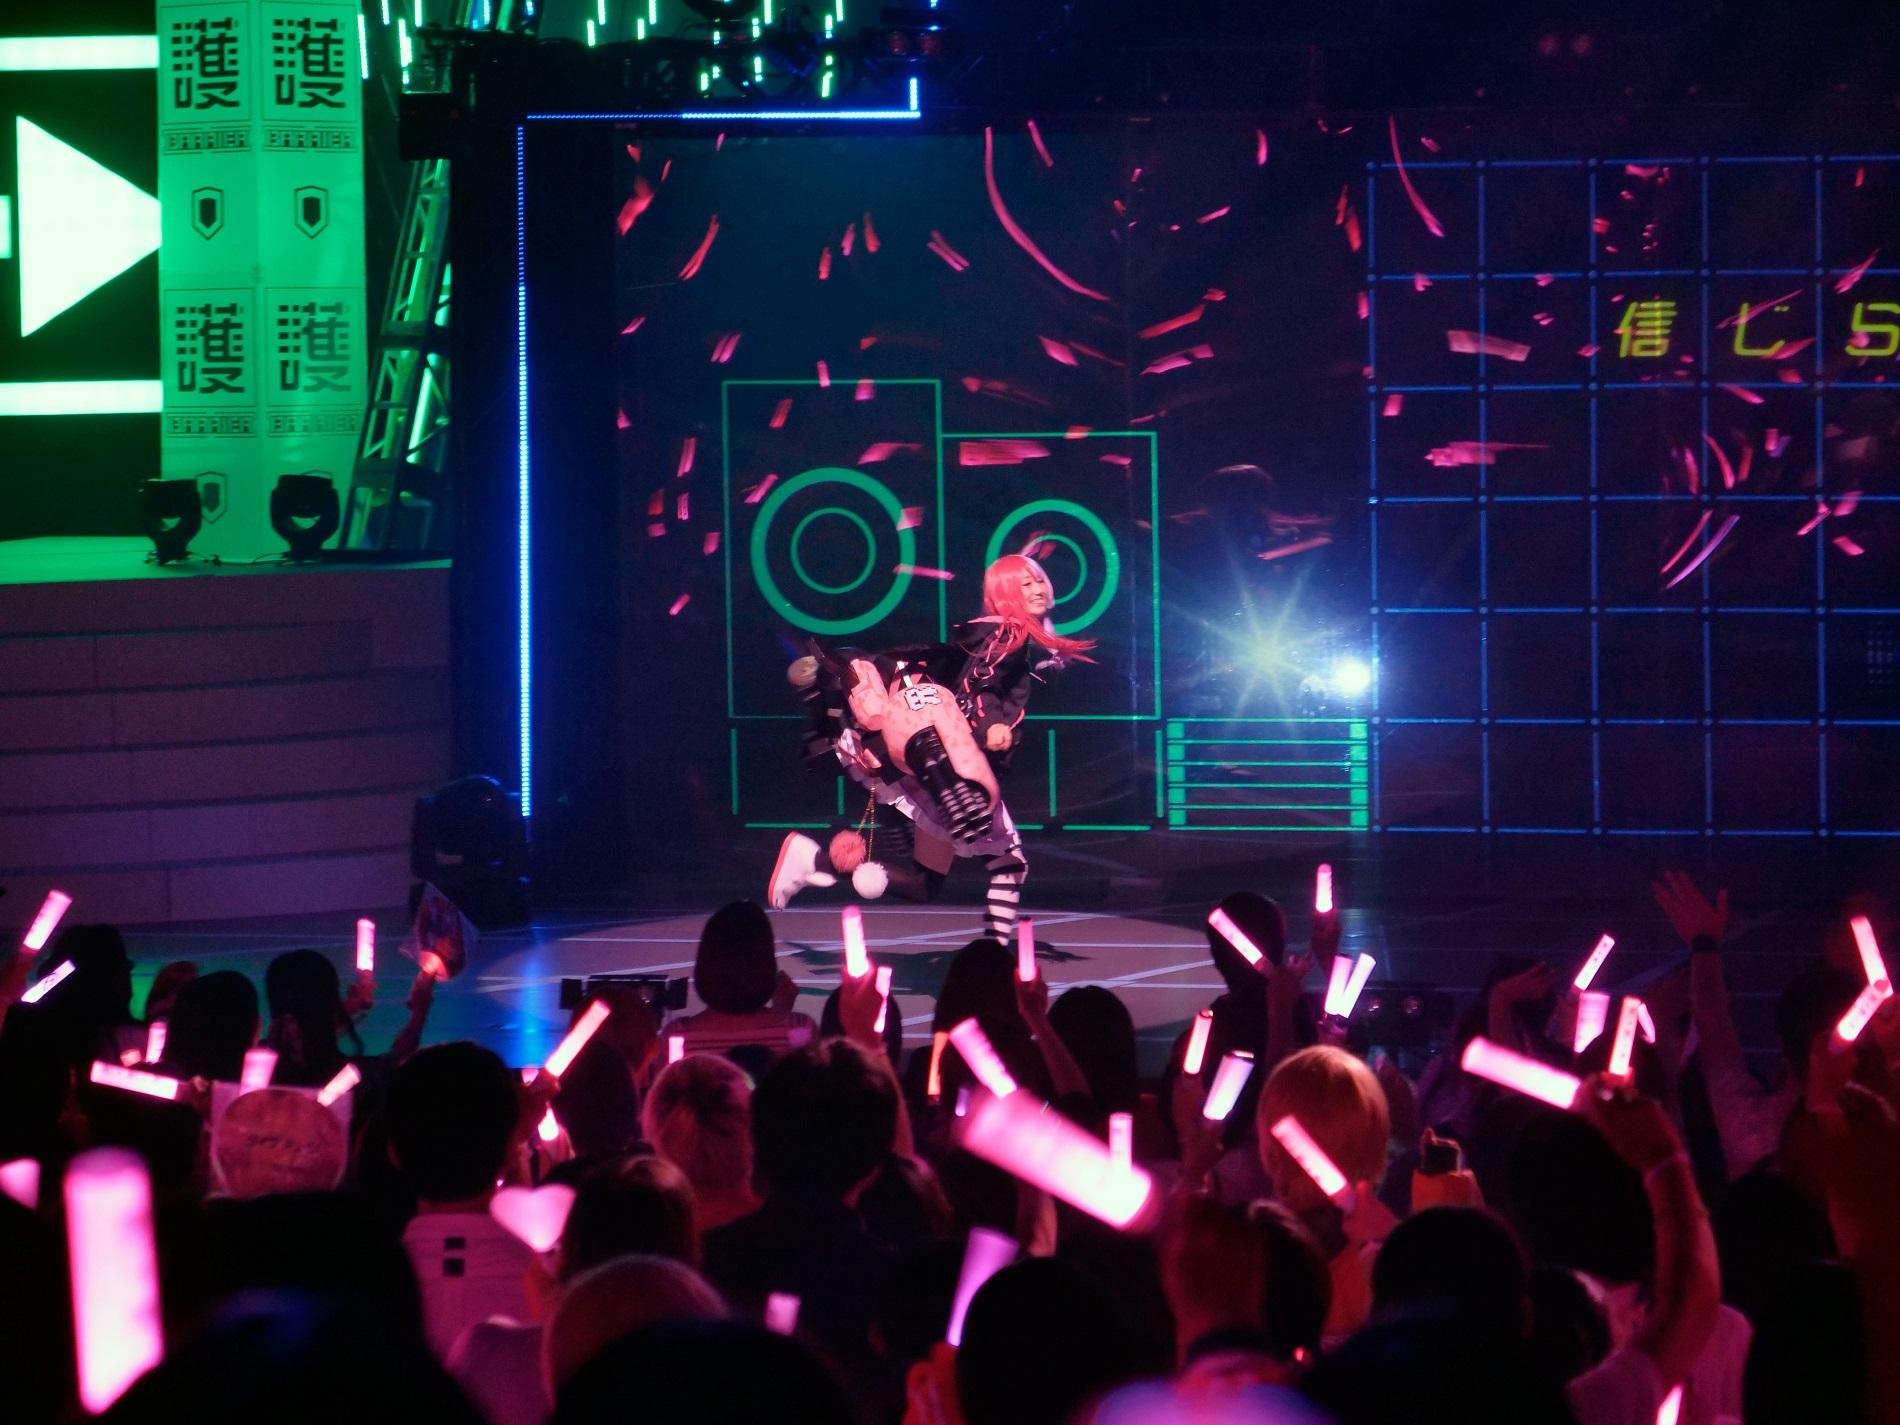 #コンパス【ニュース】: 2時間どっぷりコンパスまみれ!ライブアリーナ大阪公演見どころ紹介